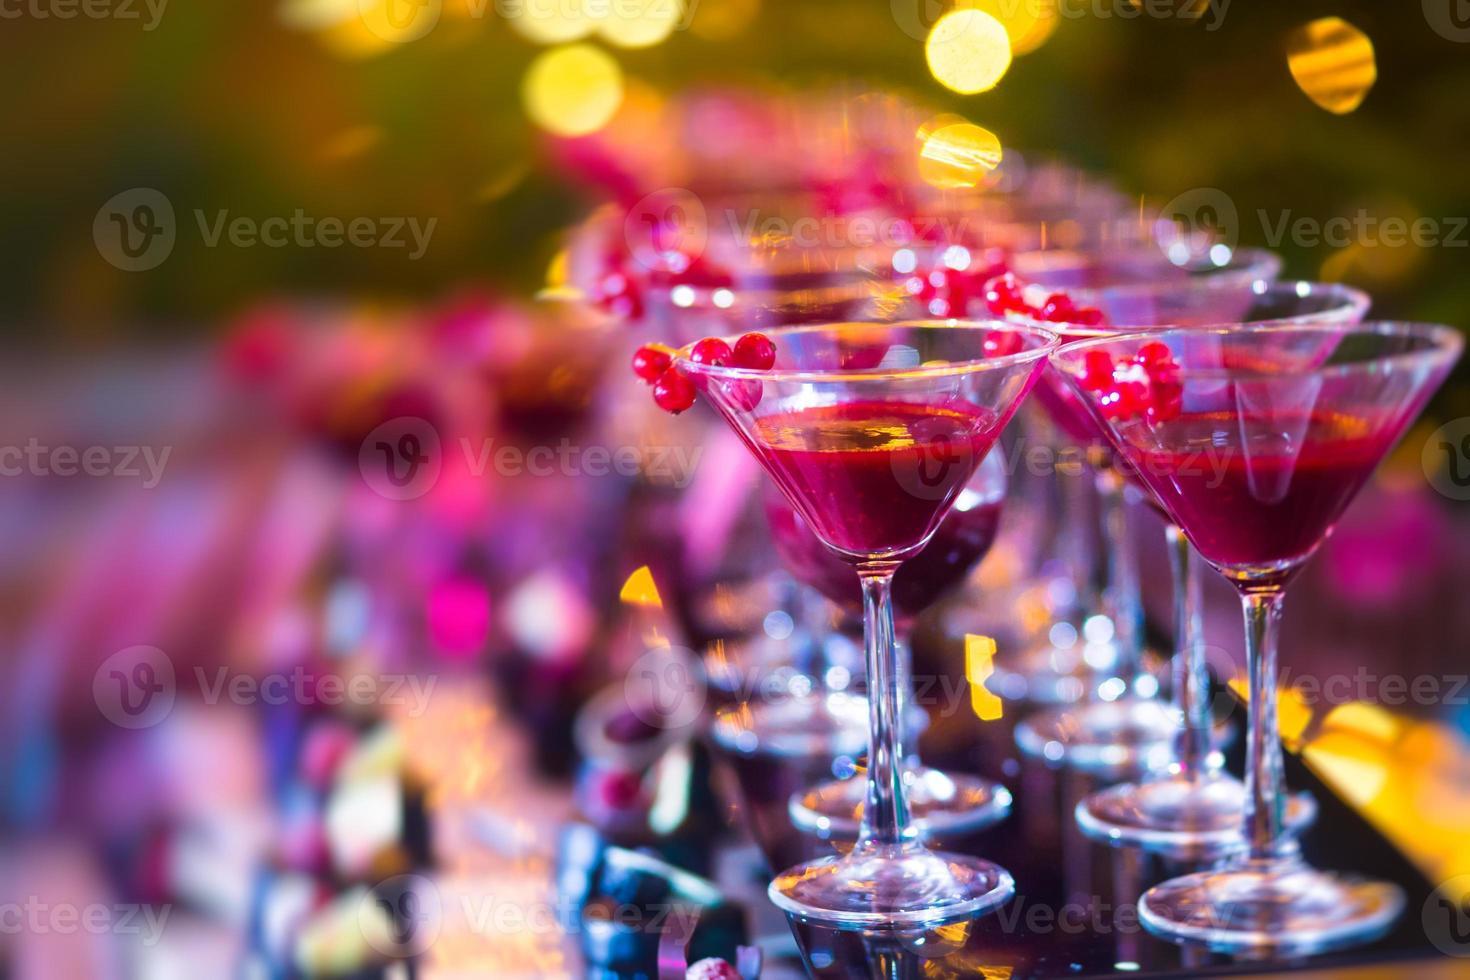 filas de cócteles alcohólicos multicolores de fiesta al aire libre foto